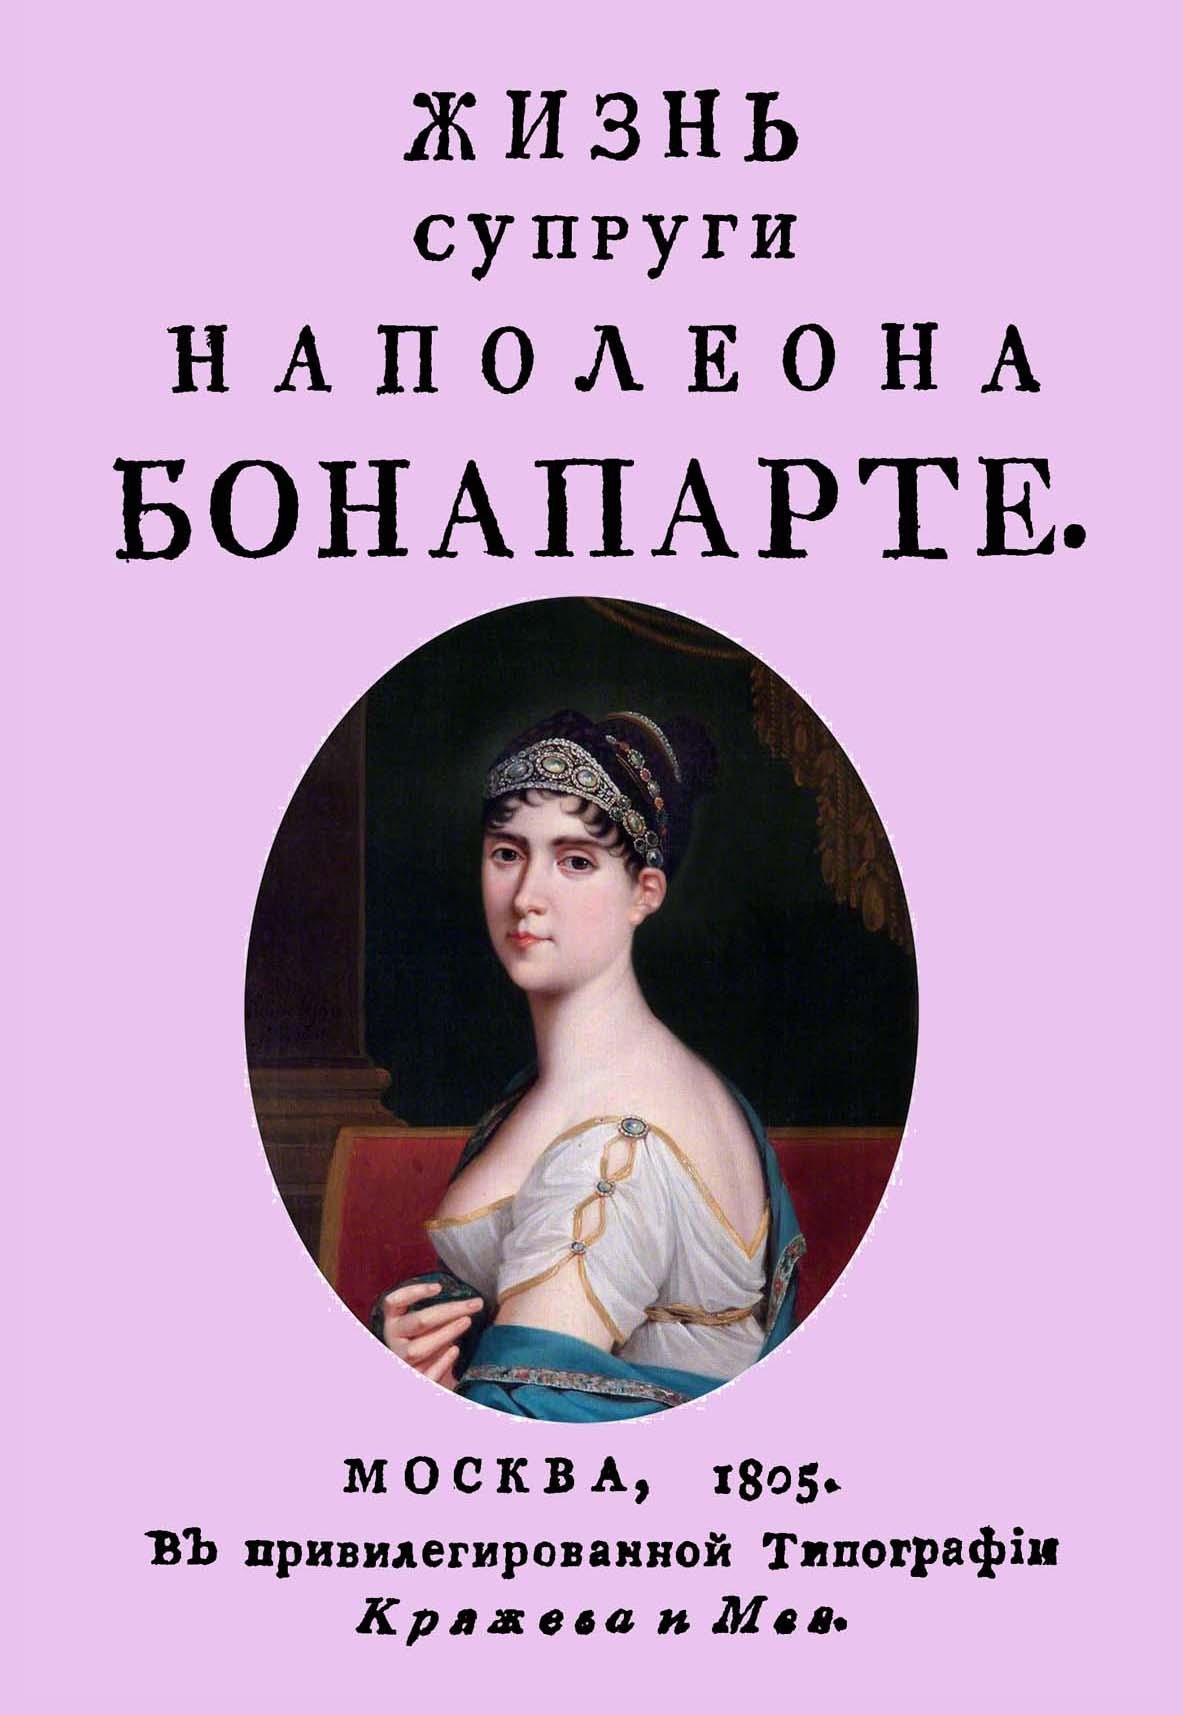 Жизнь супруги Наполеона Бонапарте жизнь супруги наполеона бонапарте